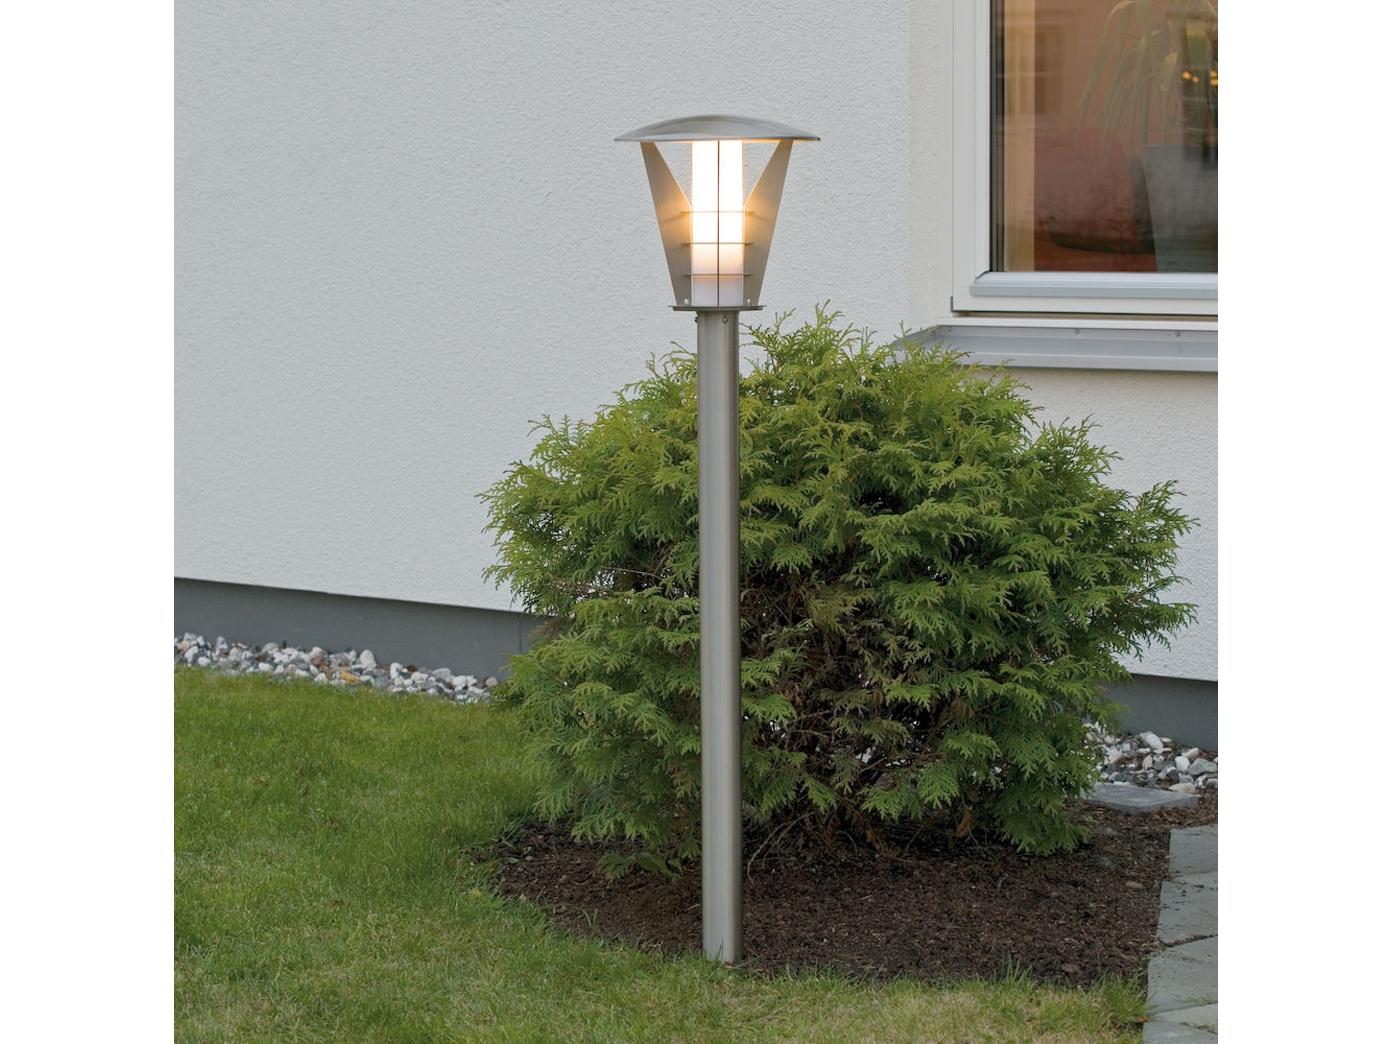 Außenleuchte Haus Garten IP44 2er Set Konstsmide Wandleuchte LIVORNO Edelstahl